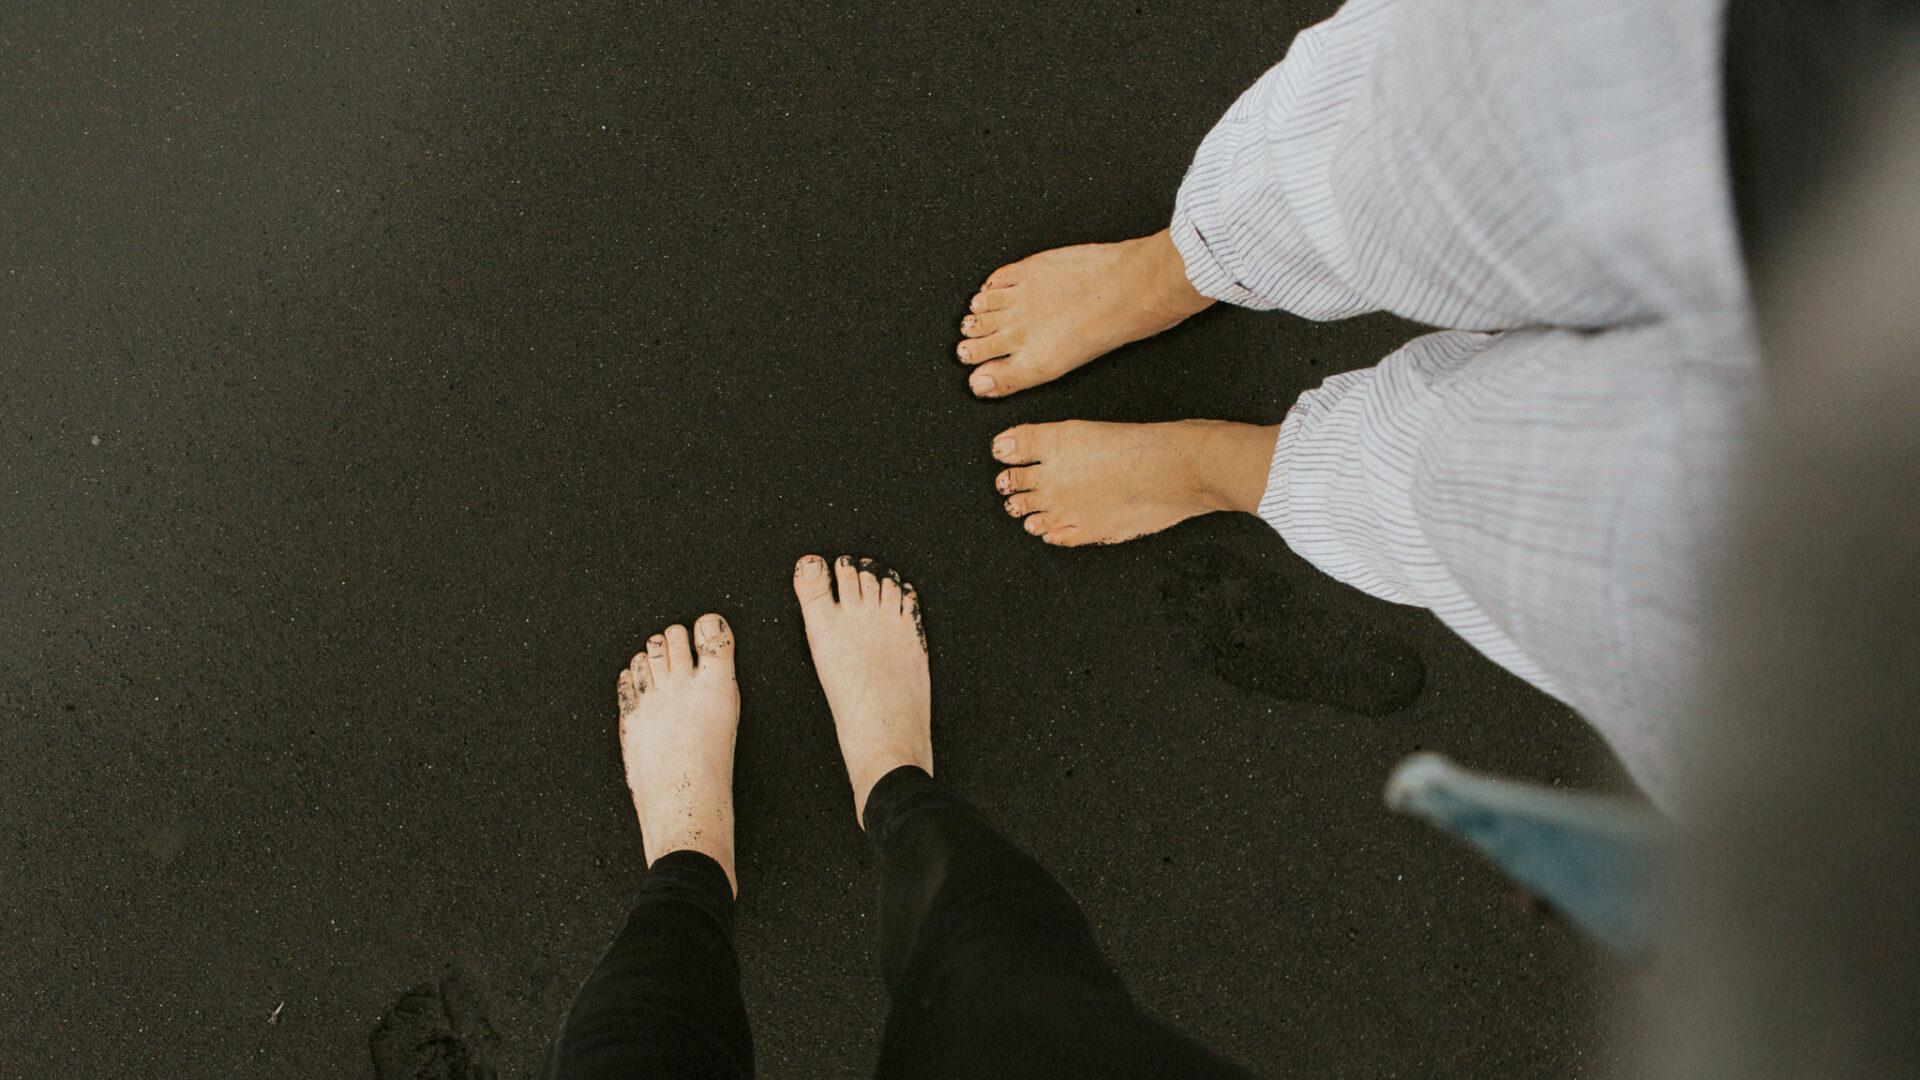 Bare feet on dark background